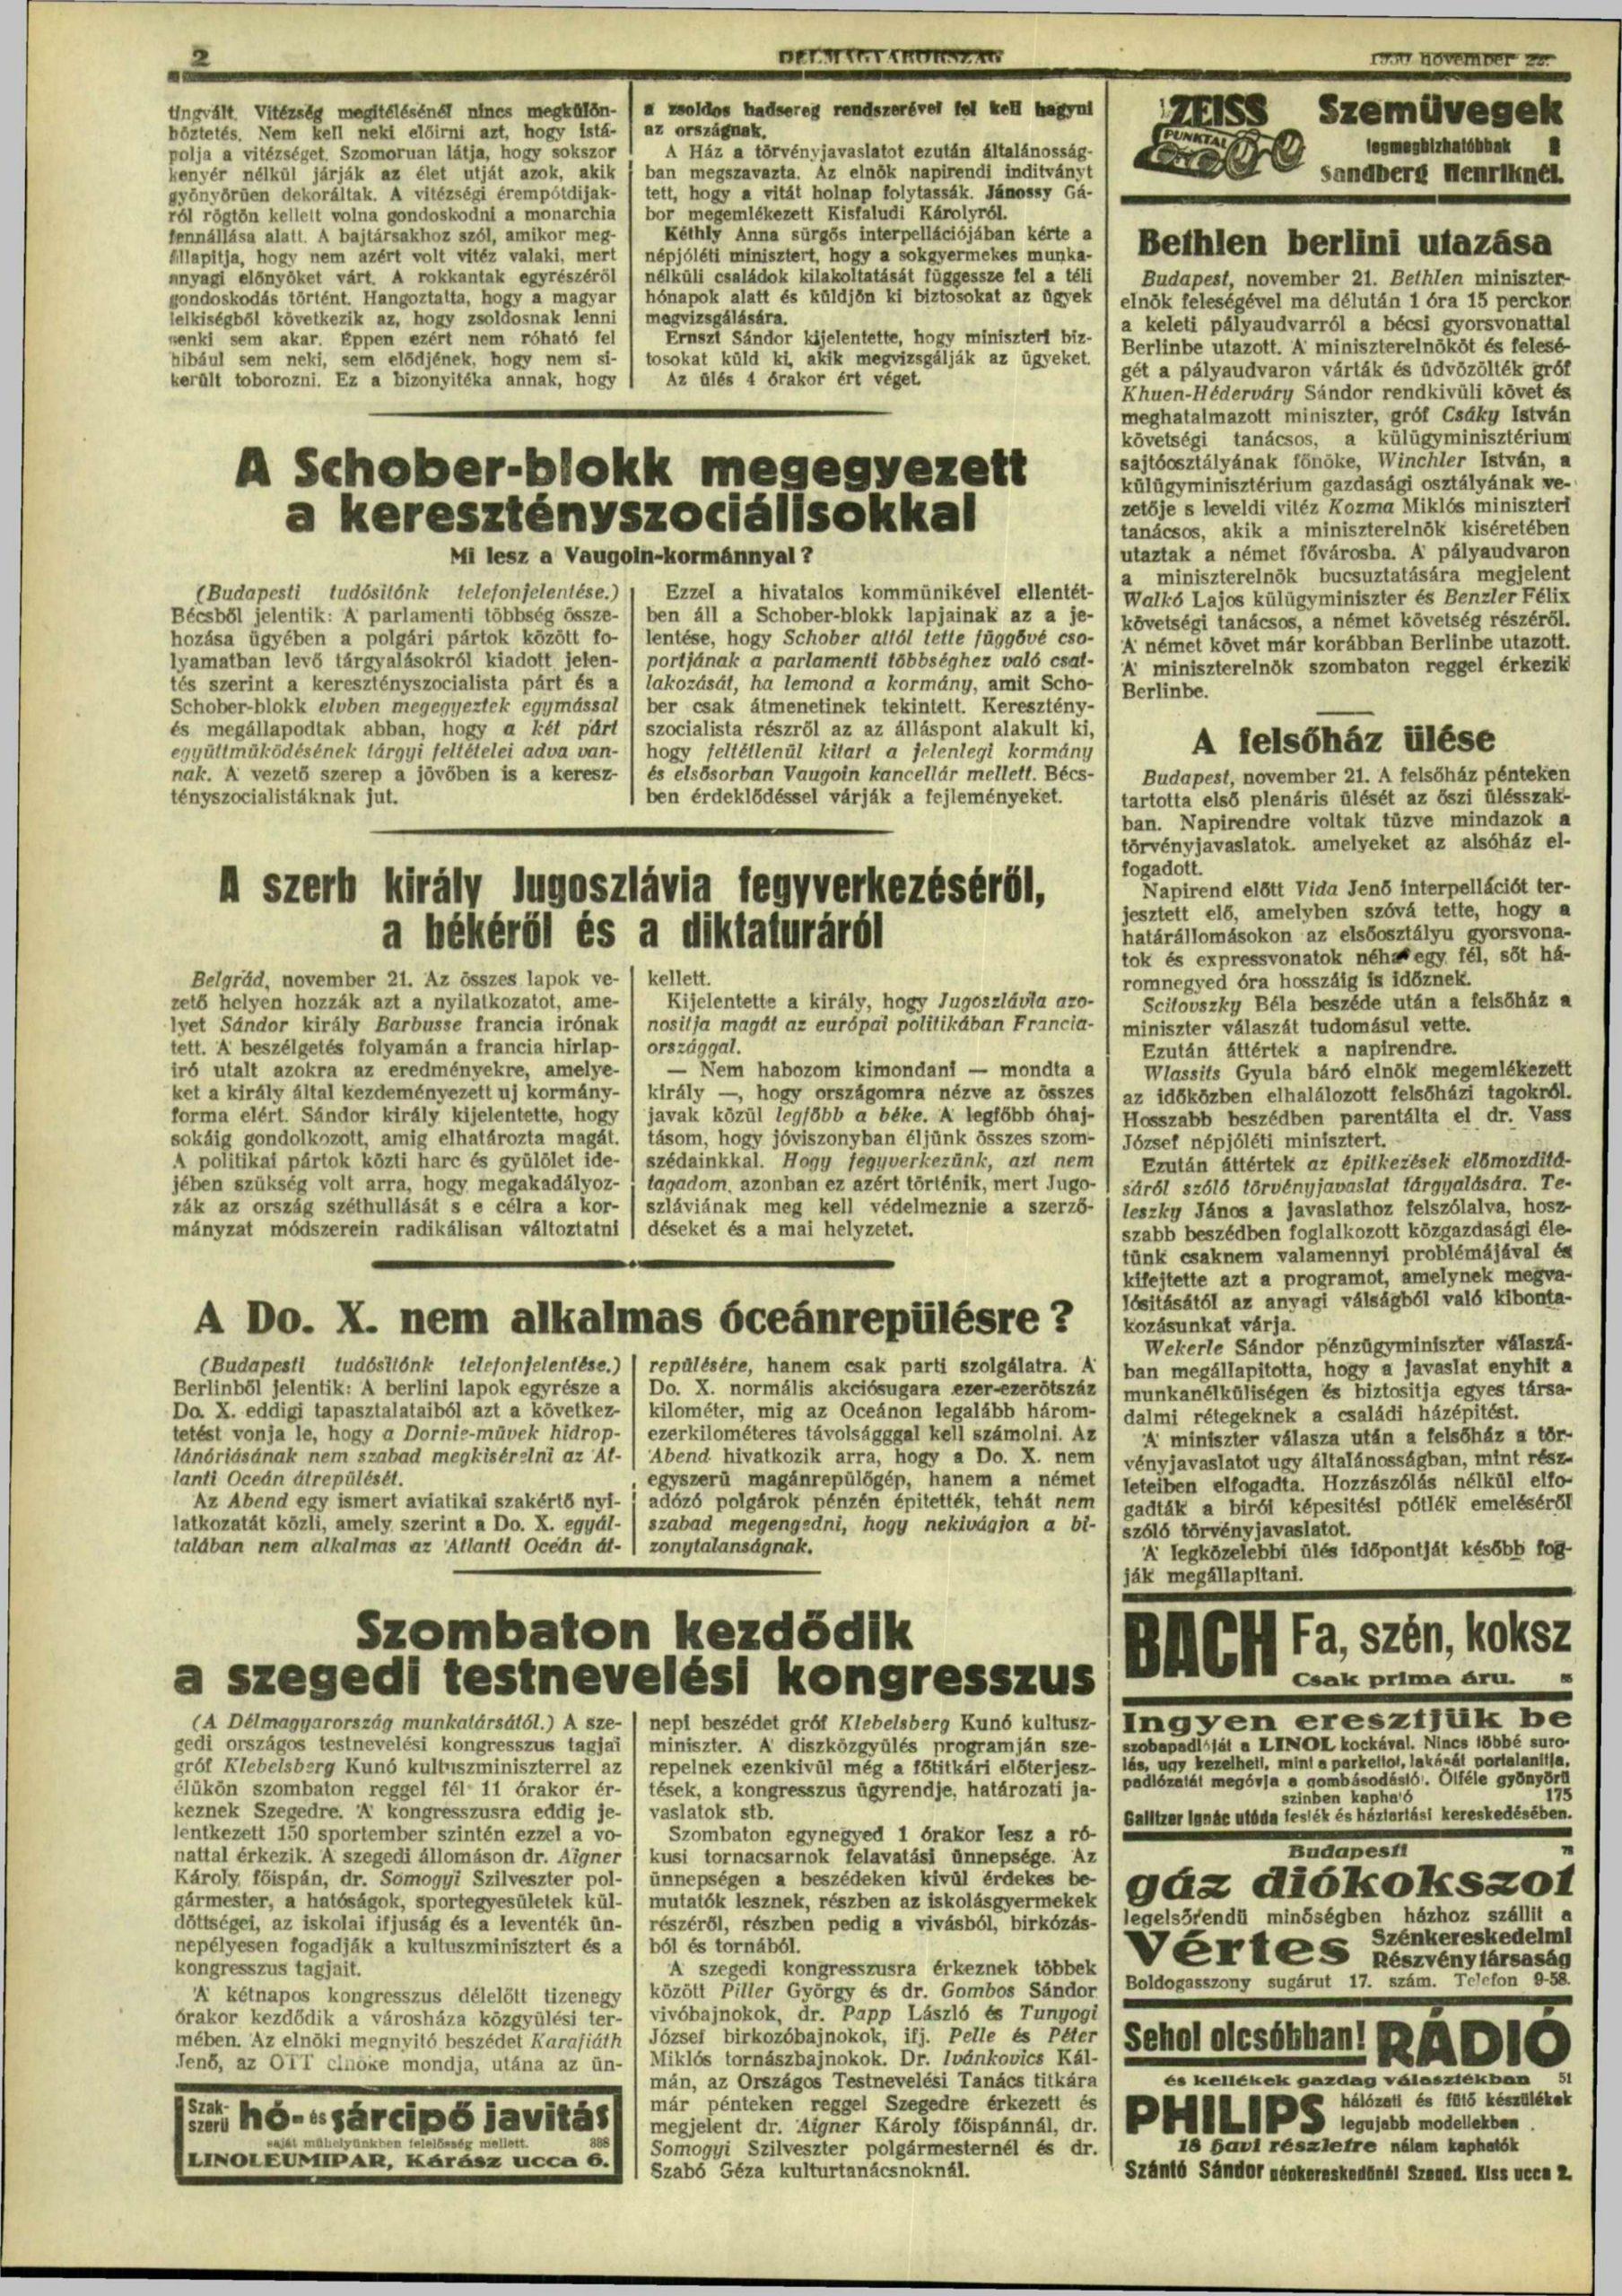 Délmagyarország, 1930. november, 190. oldal